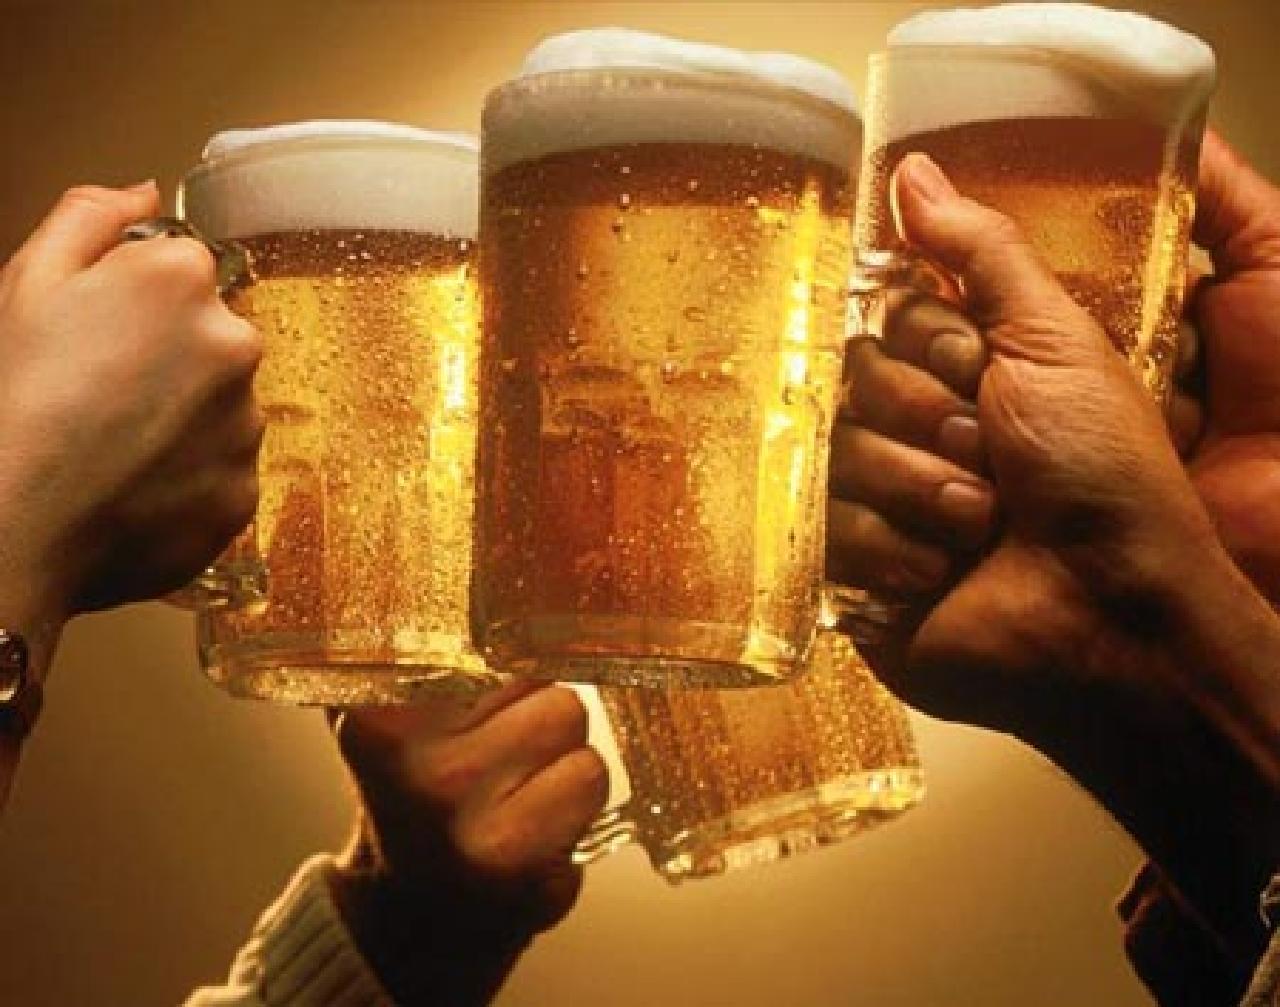 Kost- och träningsmyter: Öl är bra för att gå ner i vikt